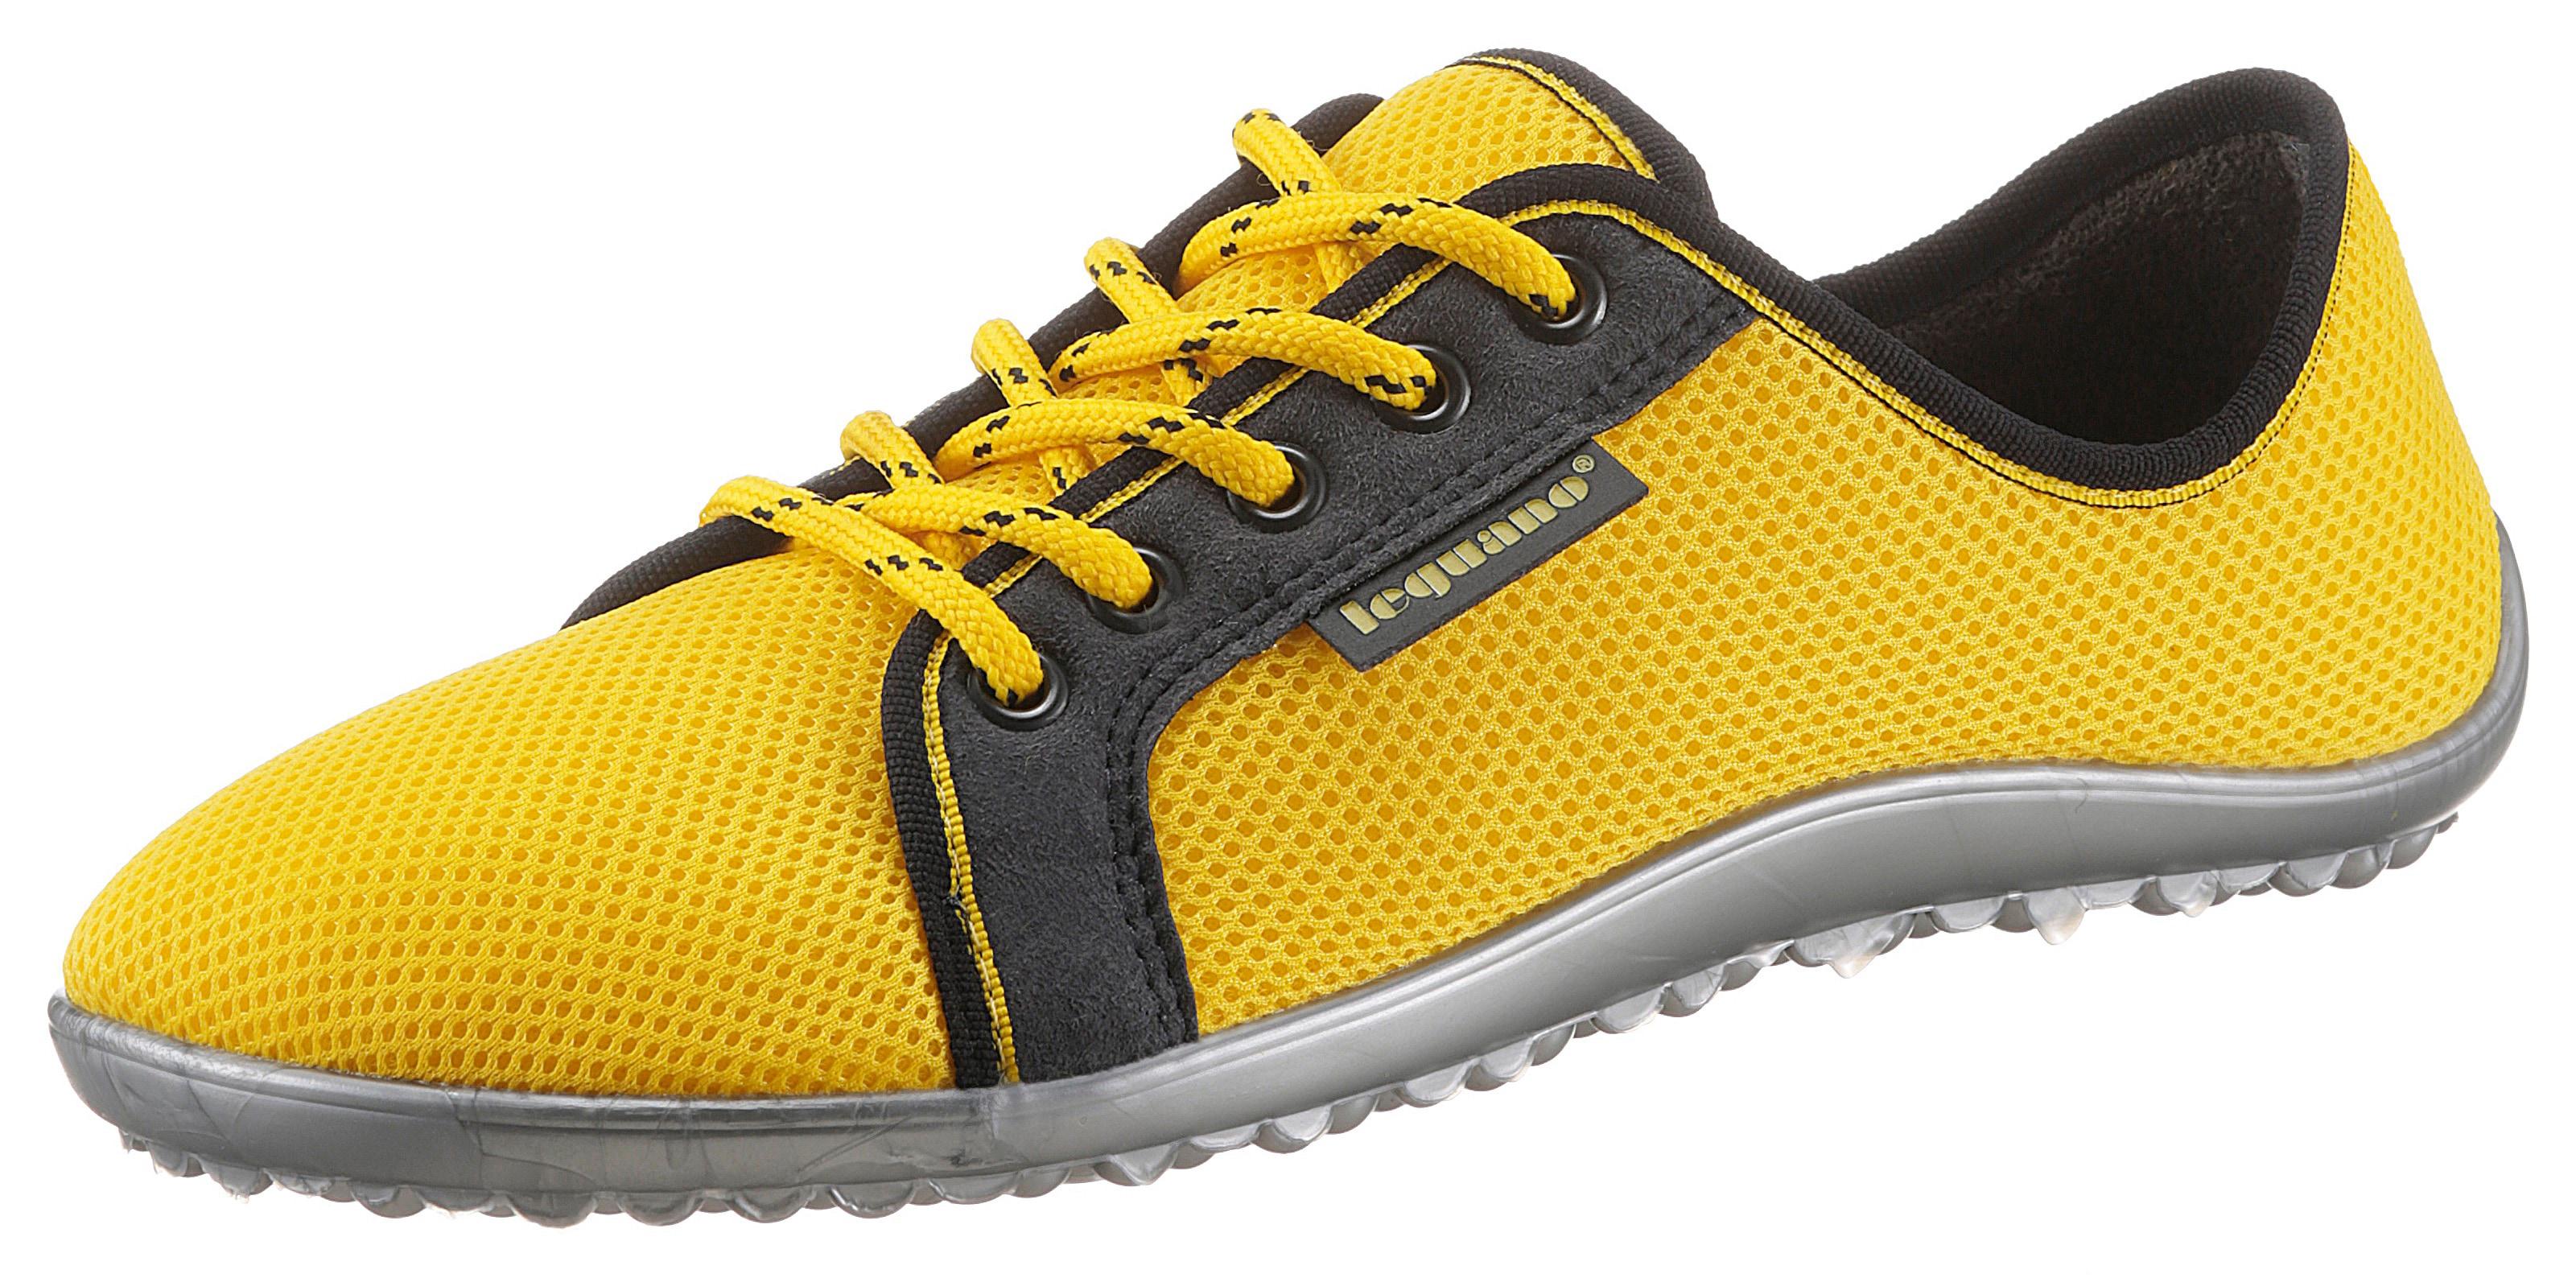 leguano -  Sneaker Barfußschuh AKTIV, mit ergonomischer Formgebung